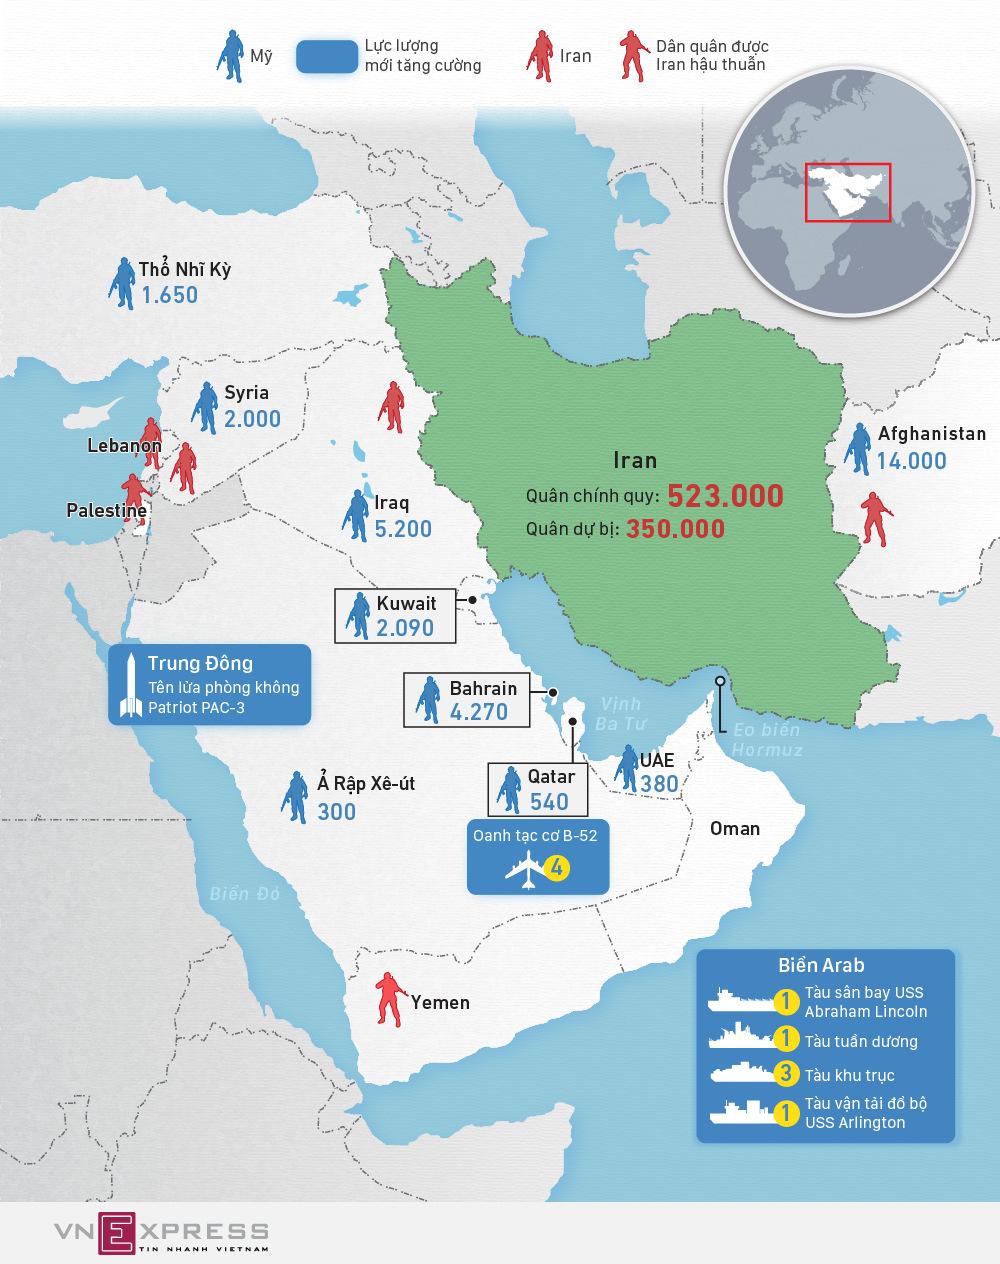 Tương quan lực lượng quân sự Mỹ - Iran tại Trung Đông - ảnh 1